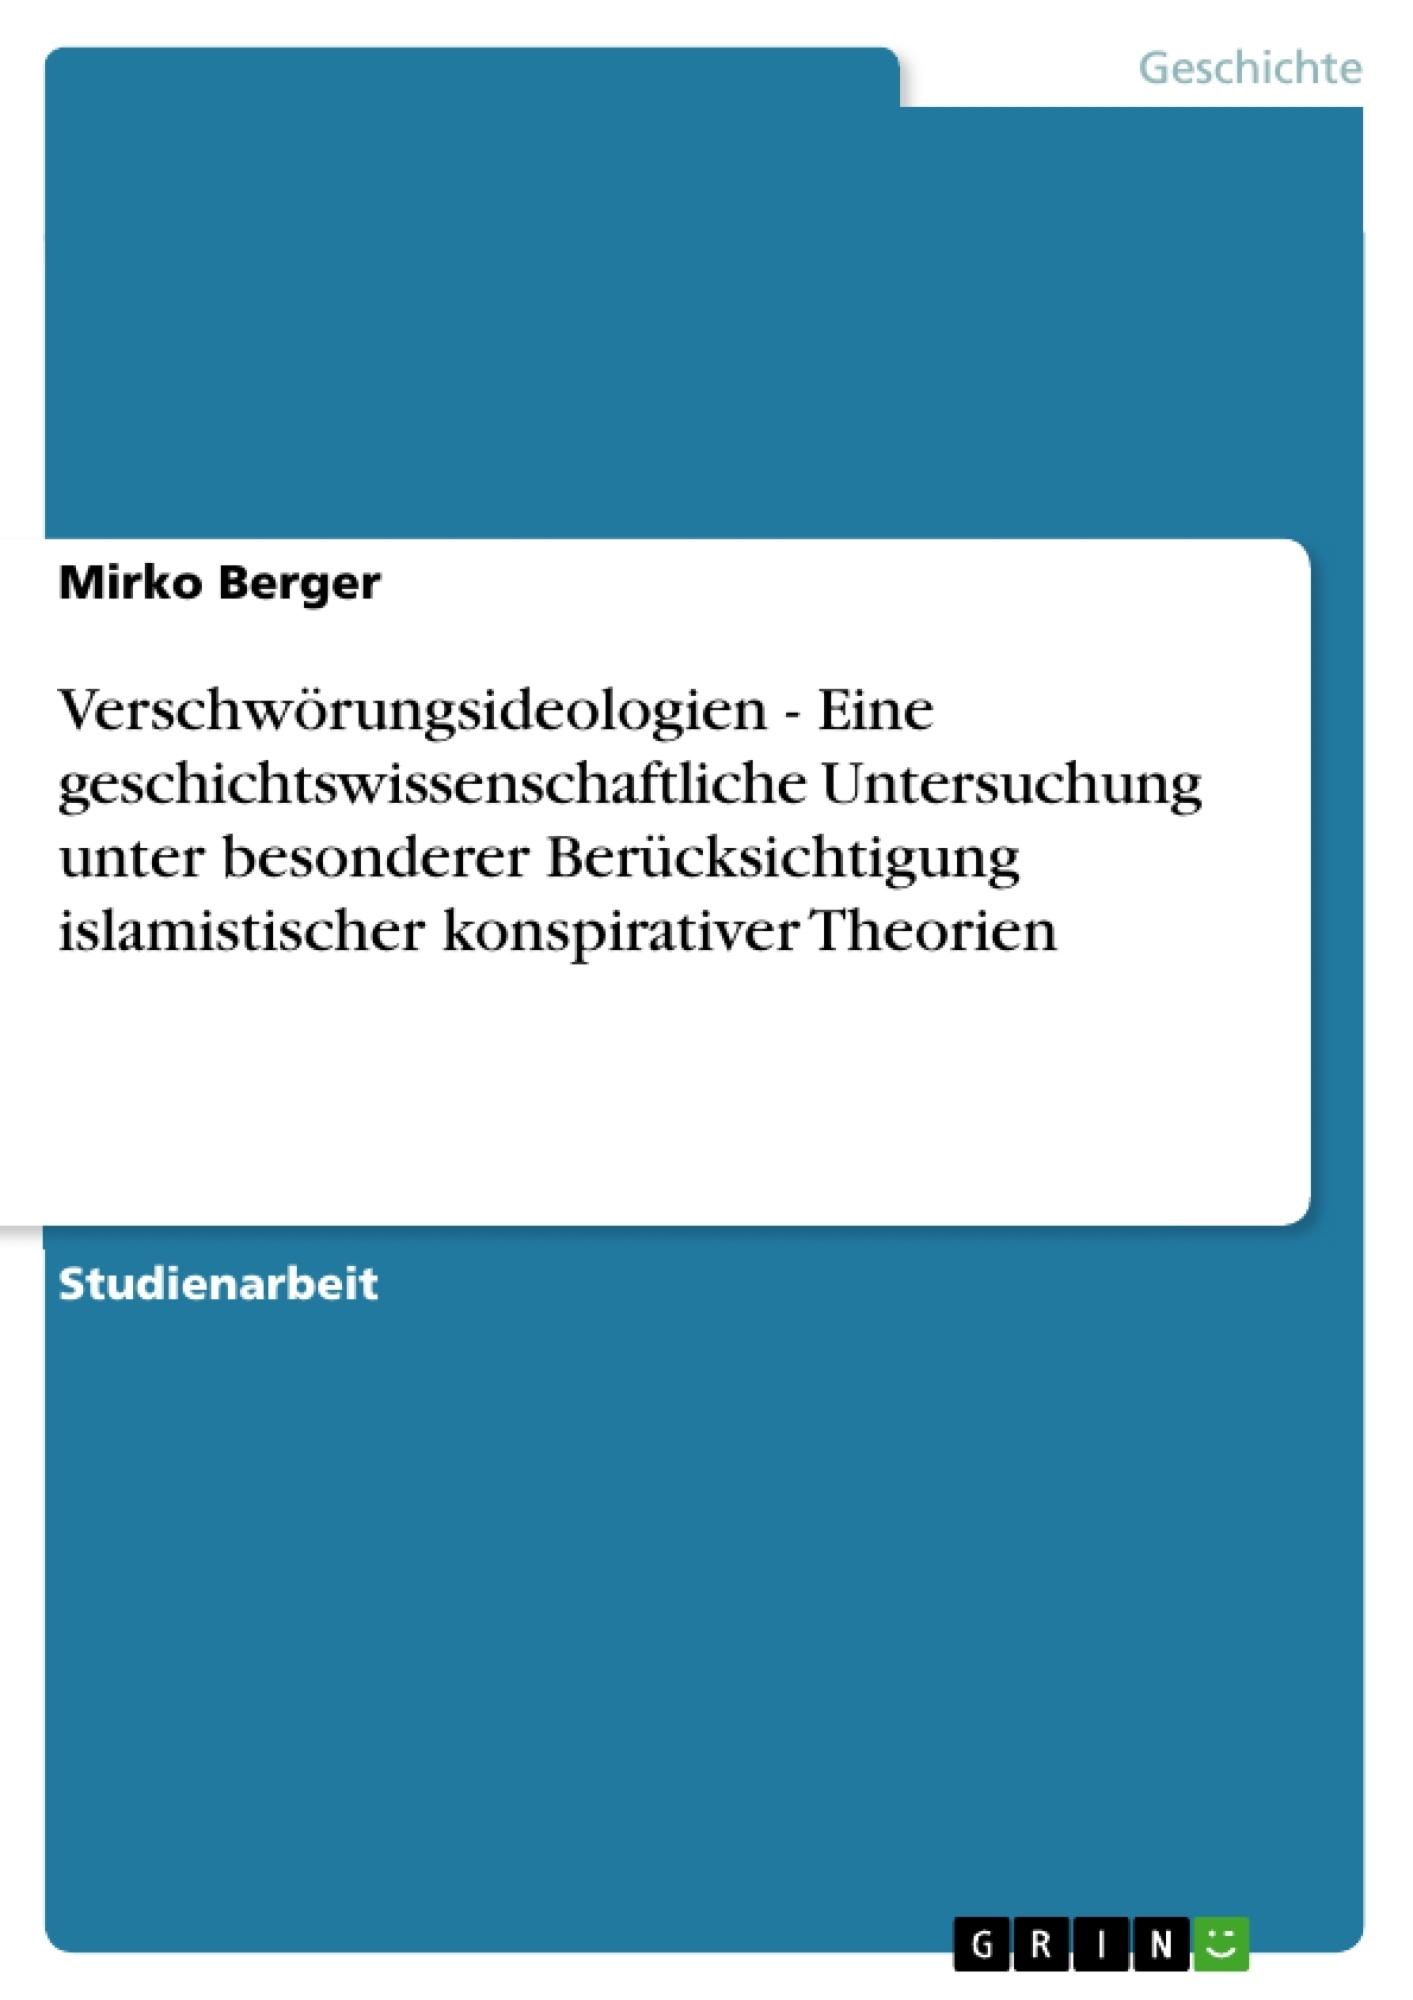 Titel: Verschwörungsideologien - Eine geschichtswissenschaftliche Untersuchung unter  besonderer Berücksichtigung islamistischer konspirativer Theorien